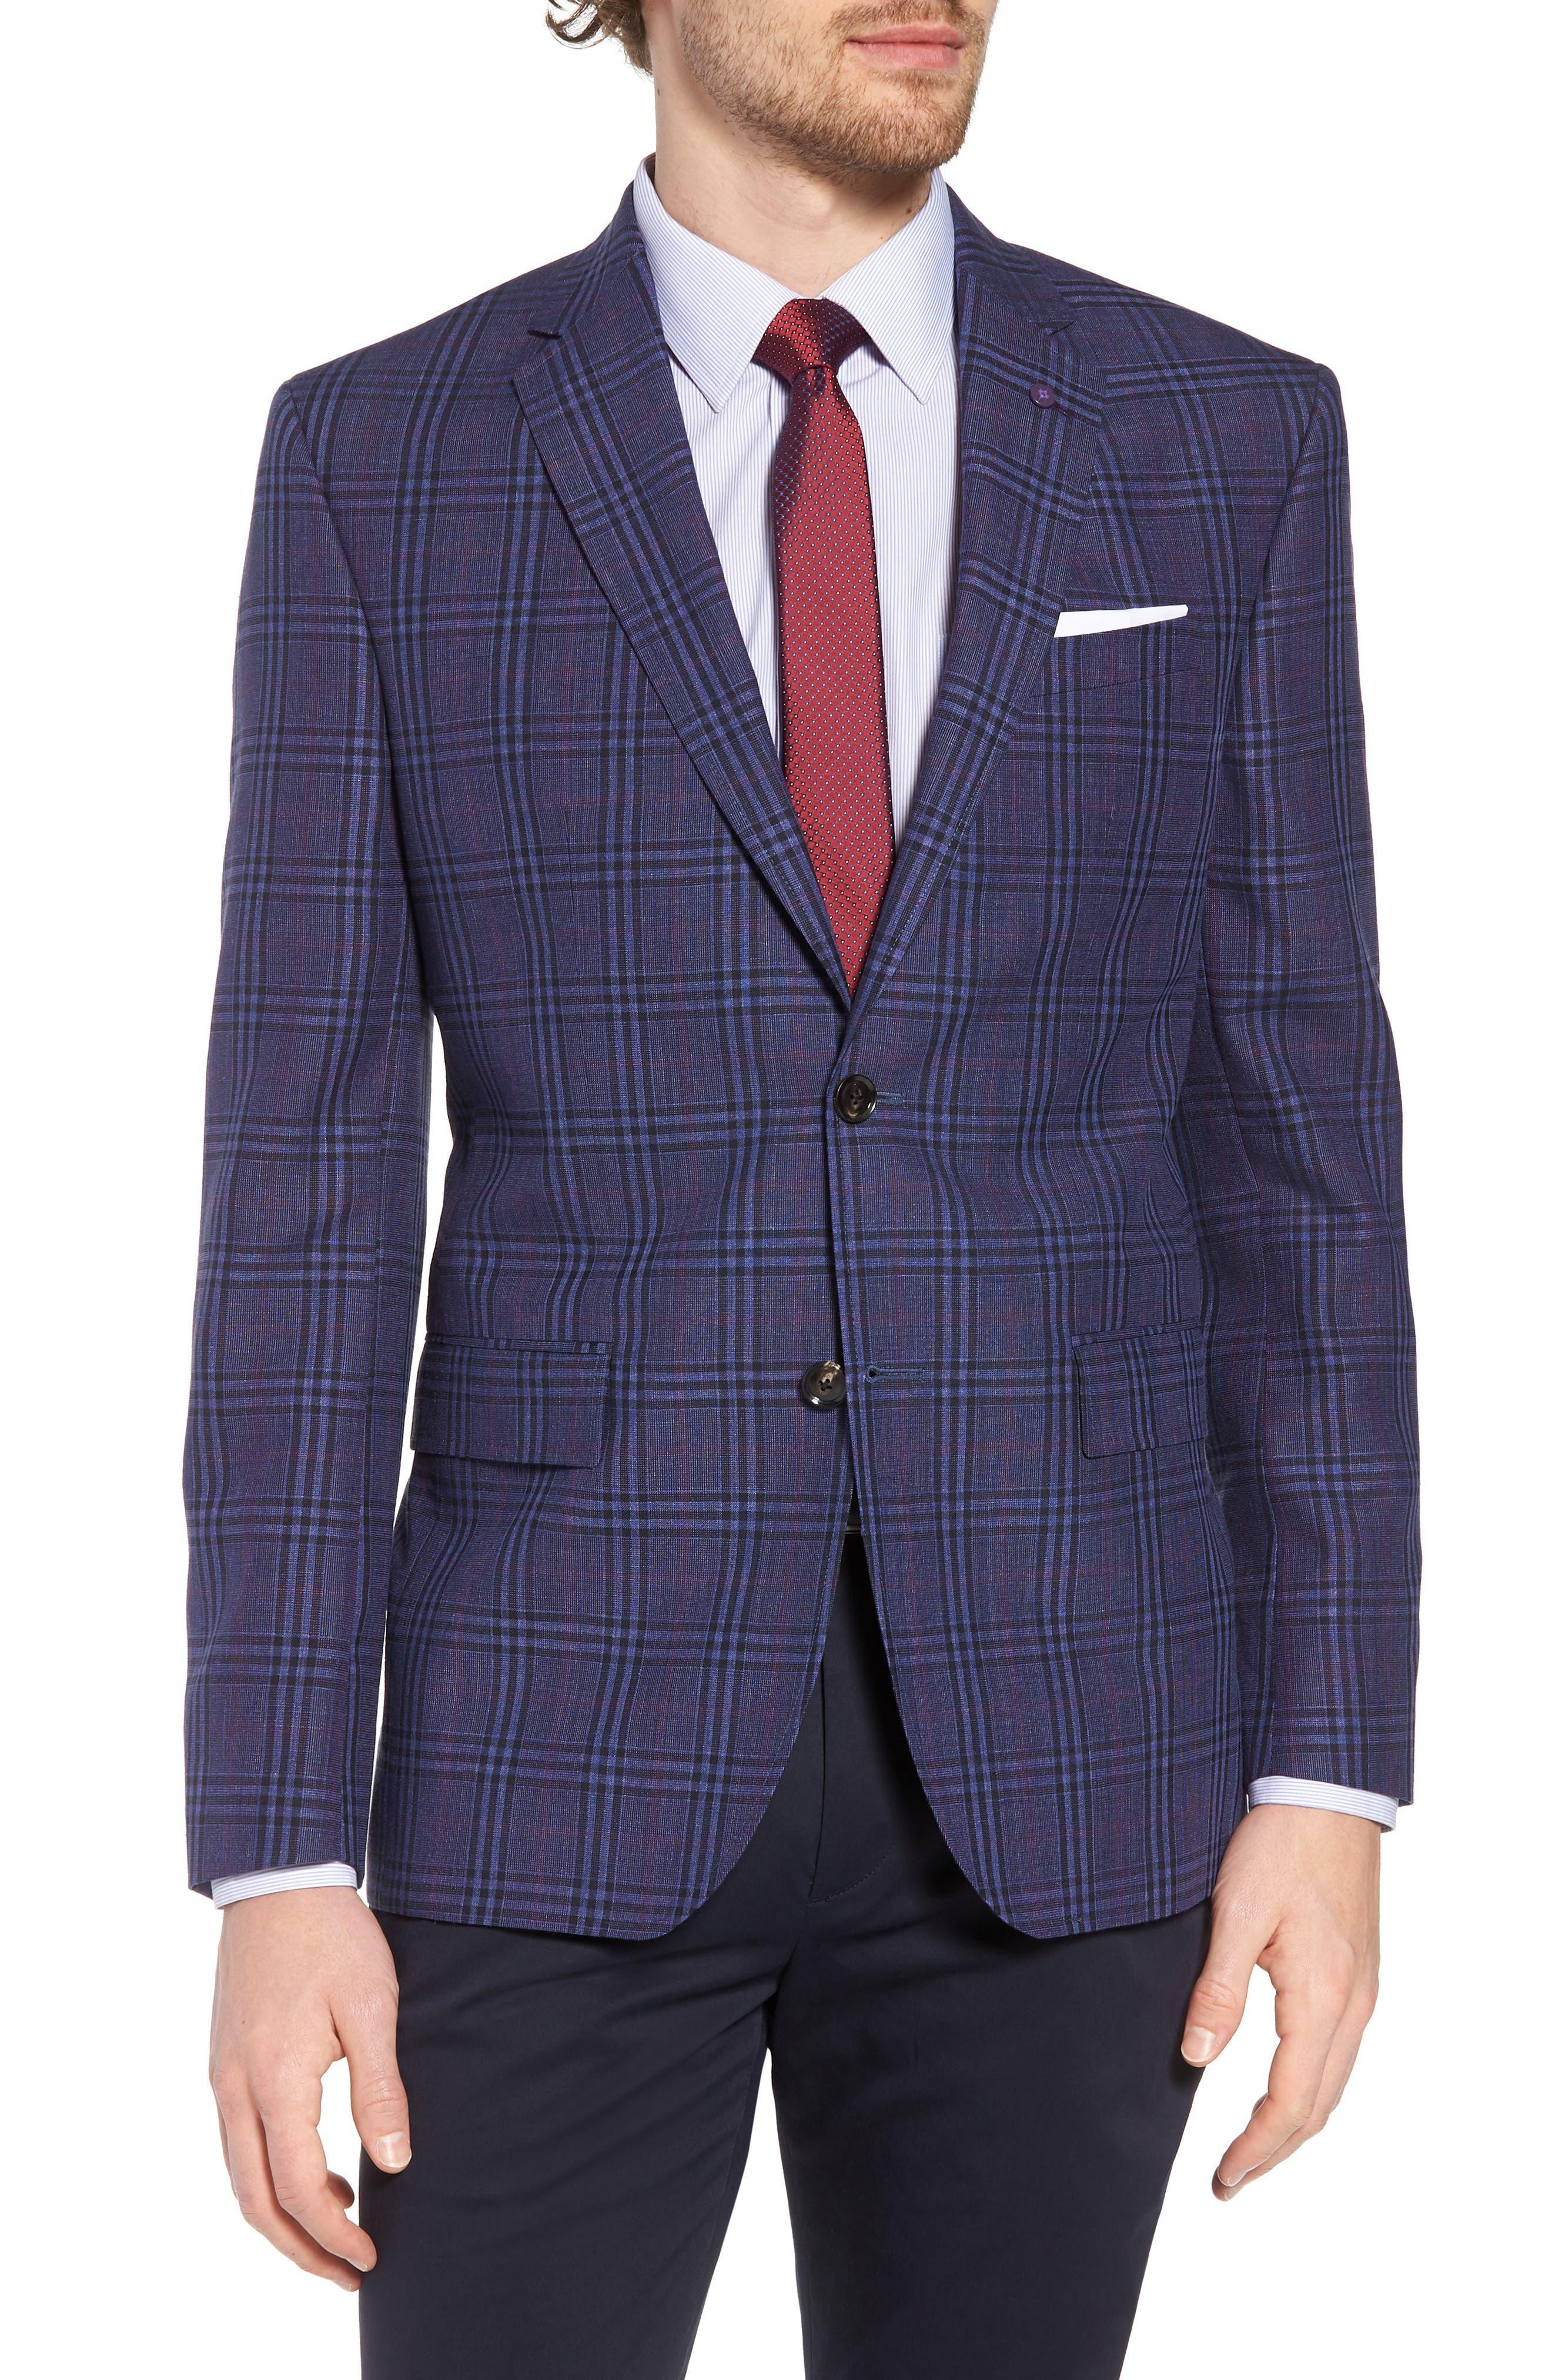 Jay Trim Fit Plaid Wool & Linen Sport Coat,                             Main thumbnail 1, color,                             400